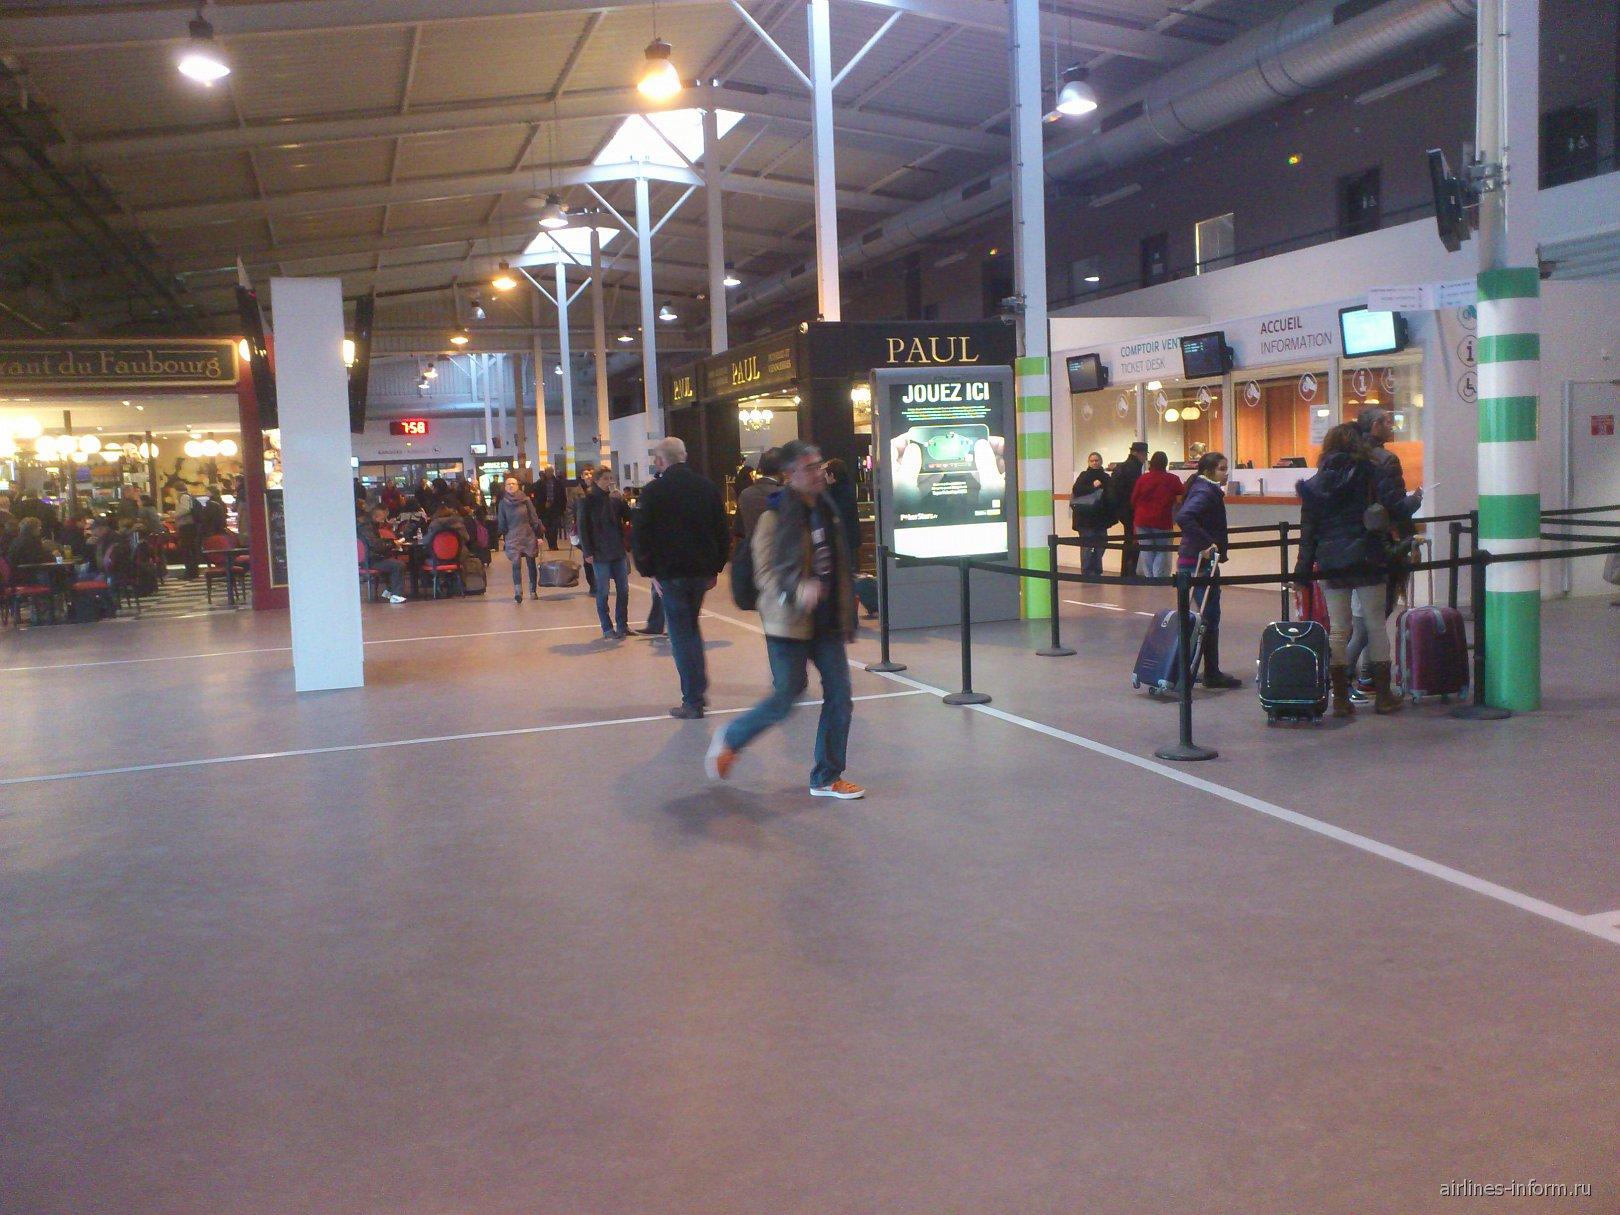 Внутри Терминала 2 аэропорта Париж Бове